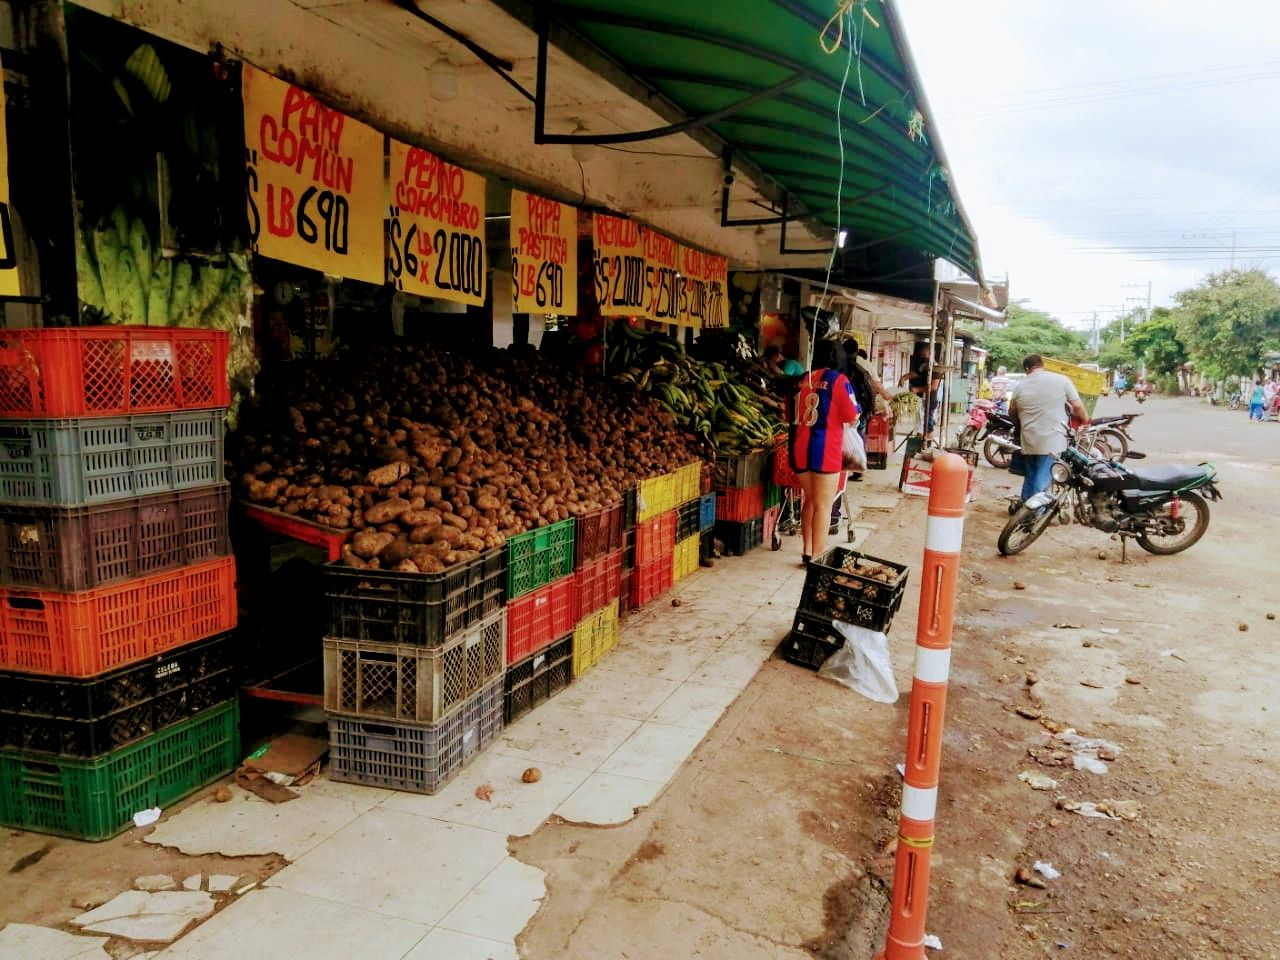 La oferta de fruver es una de las más surtidas.